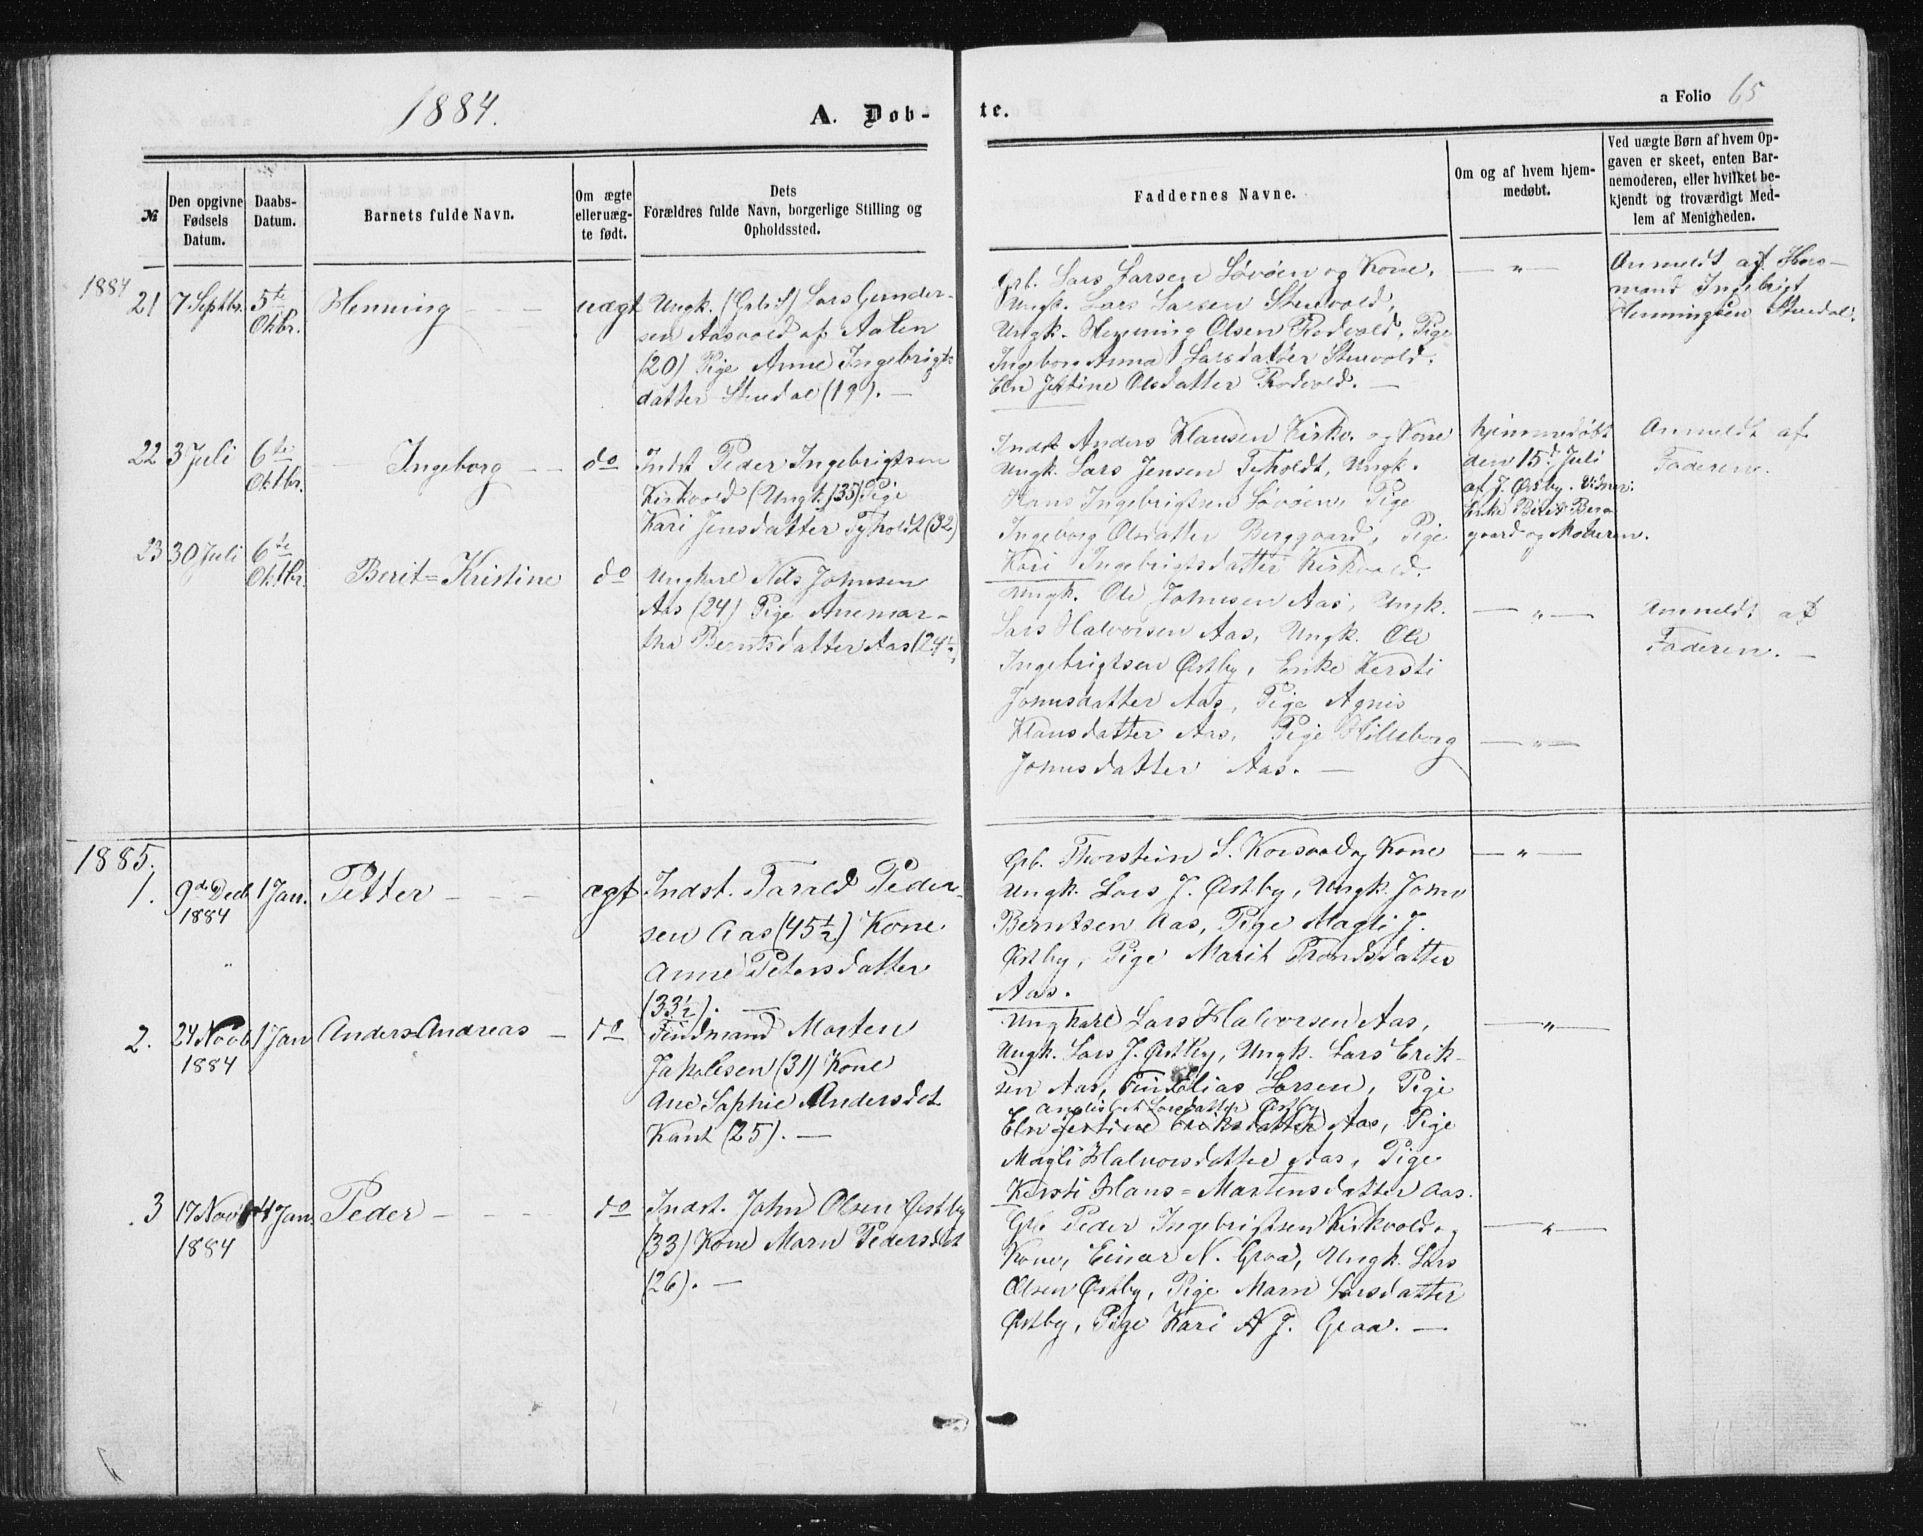 SAT, Ministerialprotokoller, klokkerbøker og fødselsregistre - Sør-Trøndelag, 698/L1166: Klokkerbok nr. 698C03, 1861-1887, s. 65